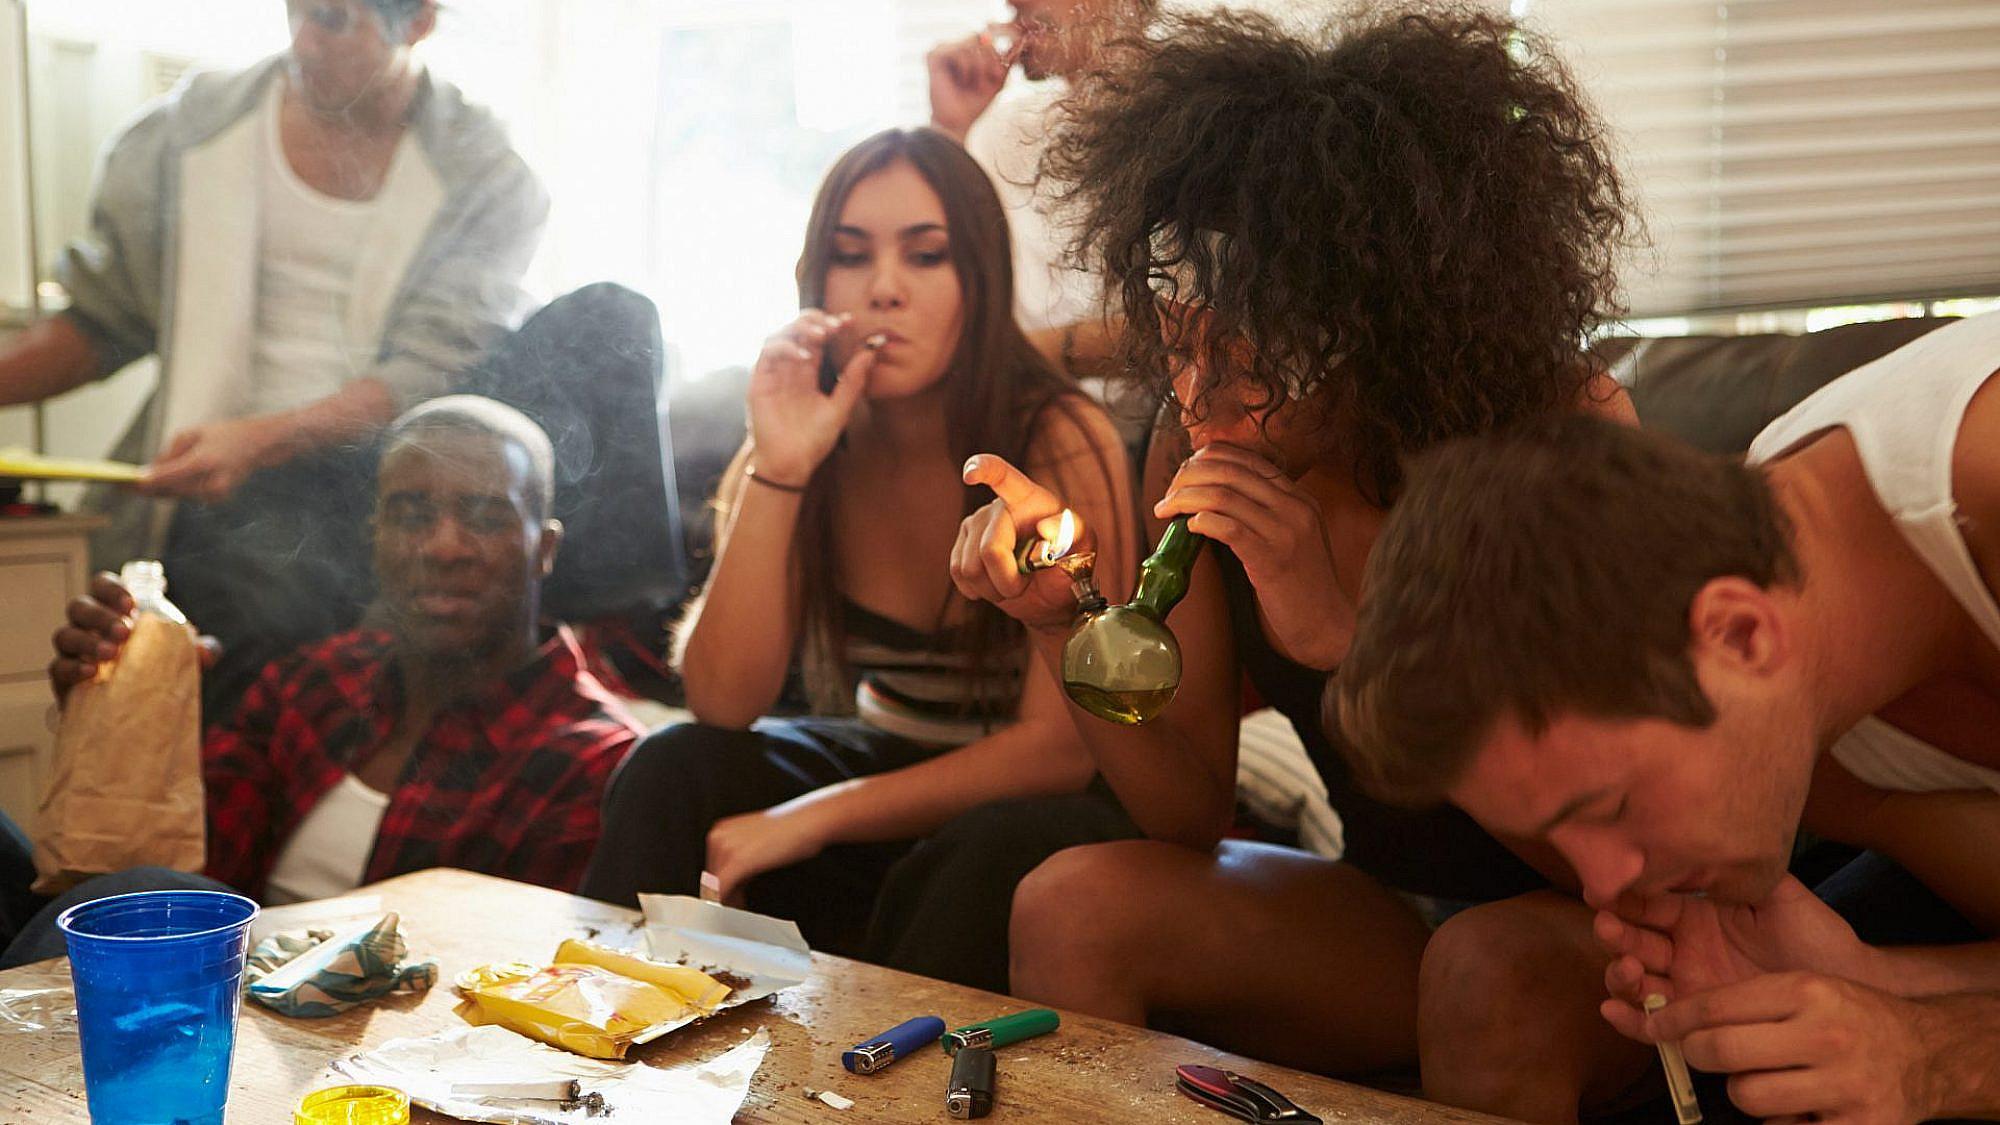 בני נוער מעשנים סמים. צילום: שאטרסוק